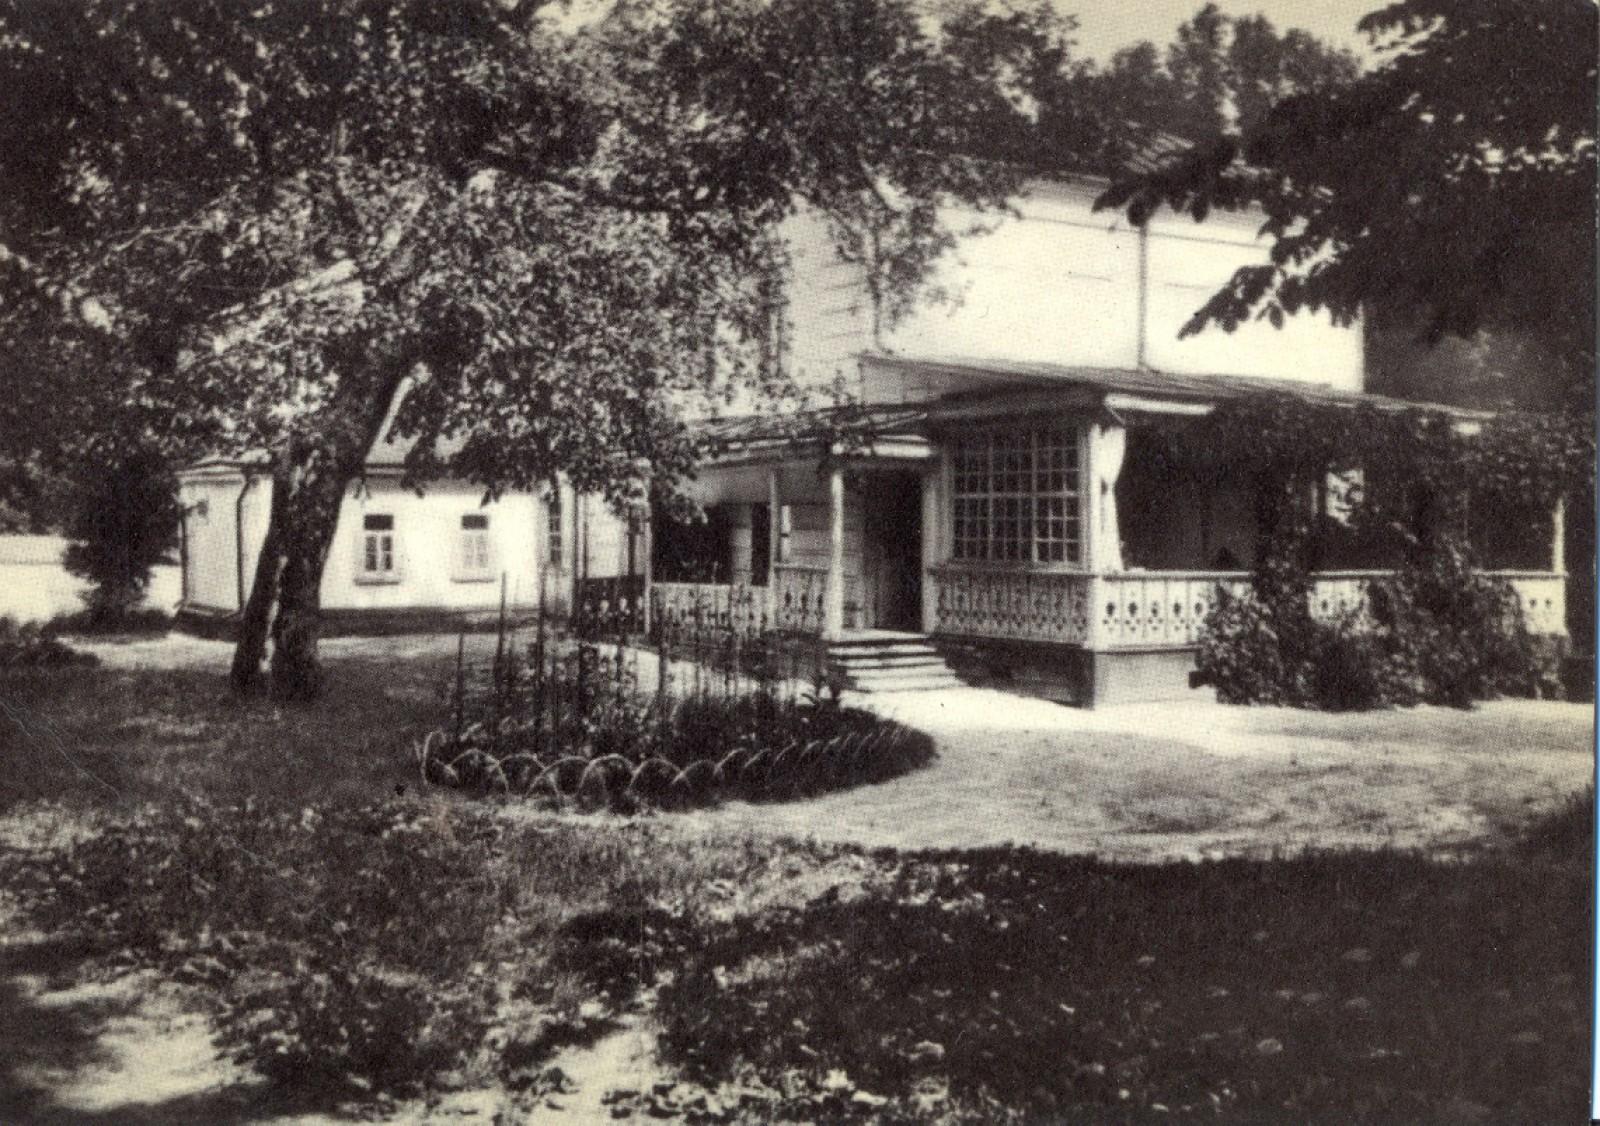 Основан Государственный музей - усадьба Льва Николаевича Толстого 'Ясная Поляна'.